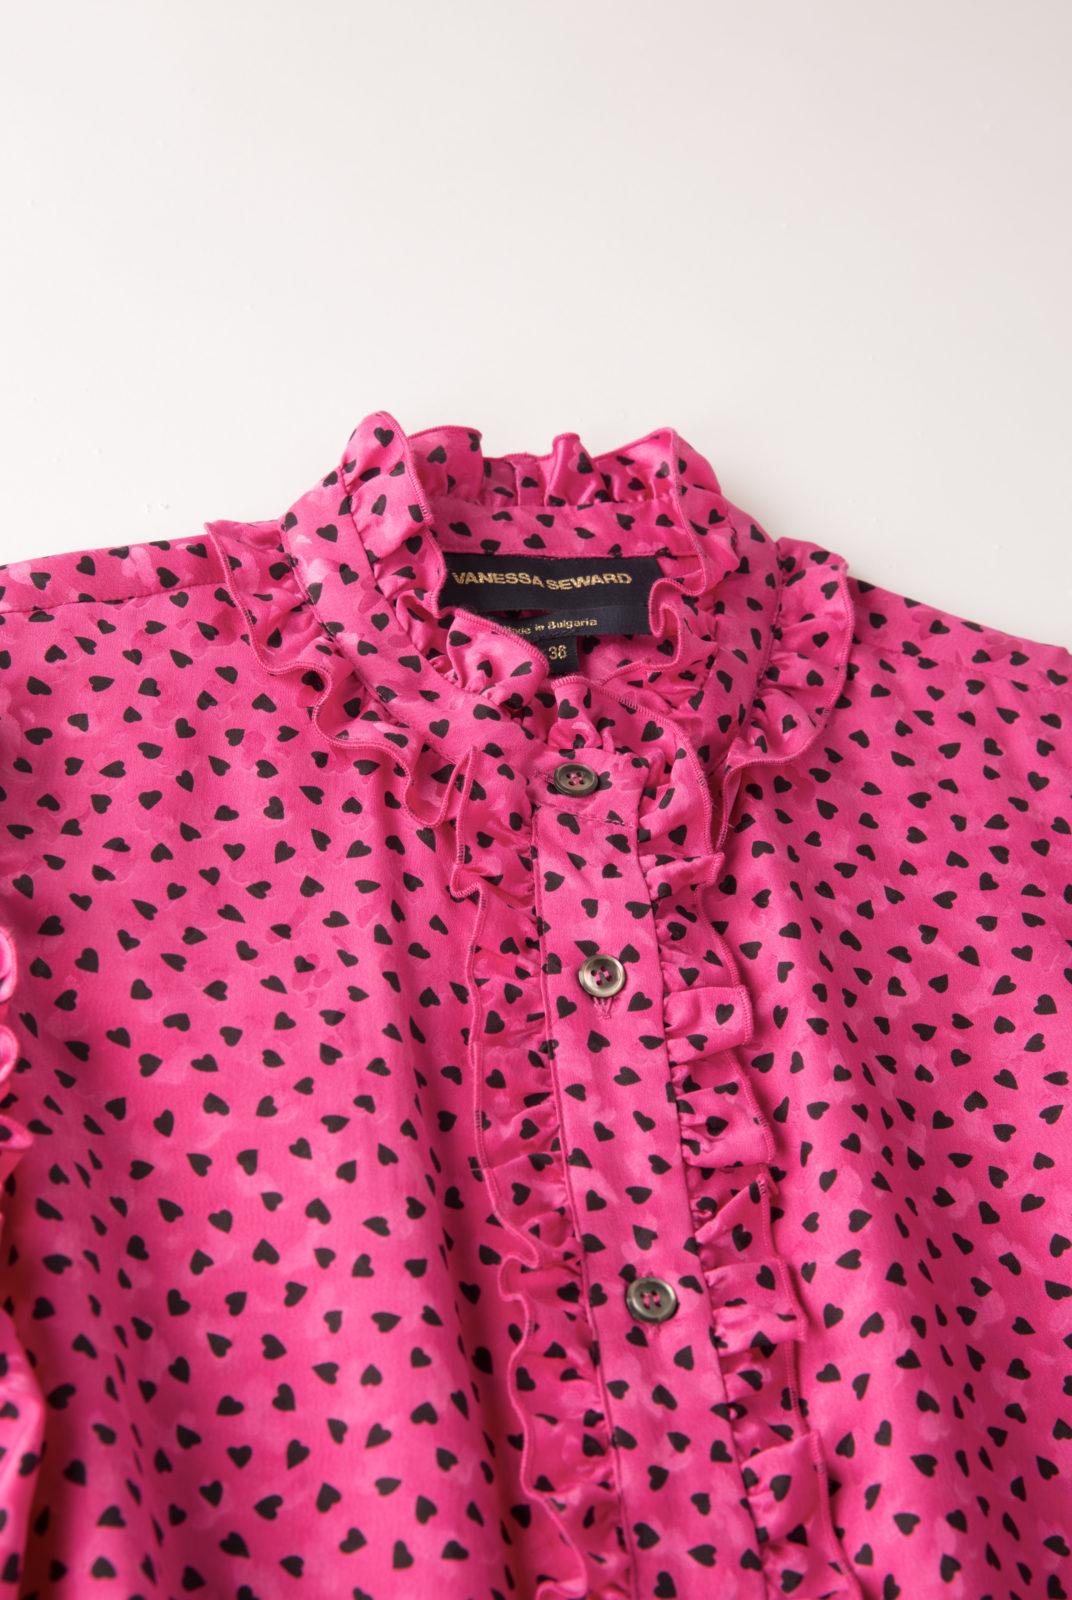 Chemise Frou-Frou Rose Vif Vanessa Seward à motif contrastant coeur noir